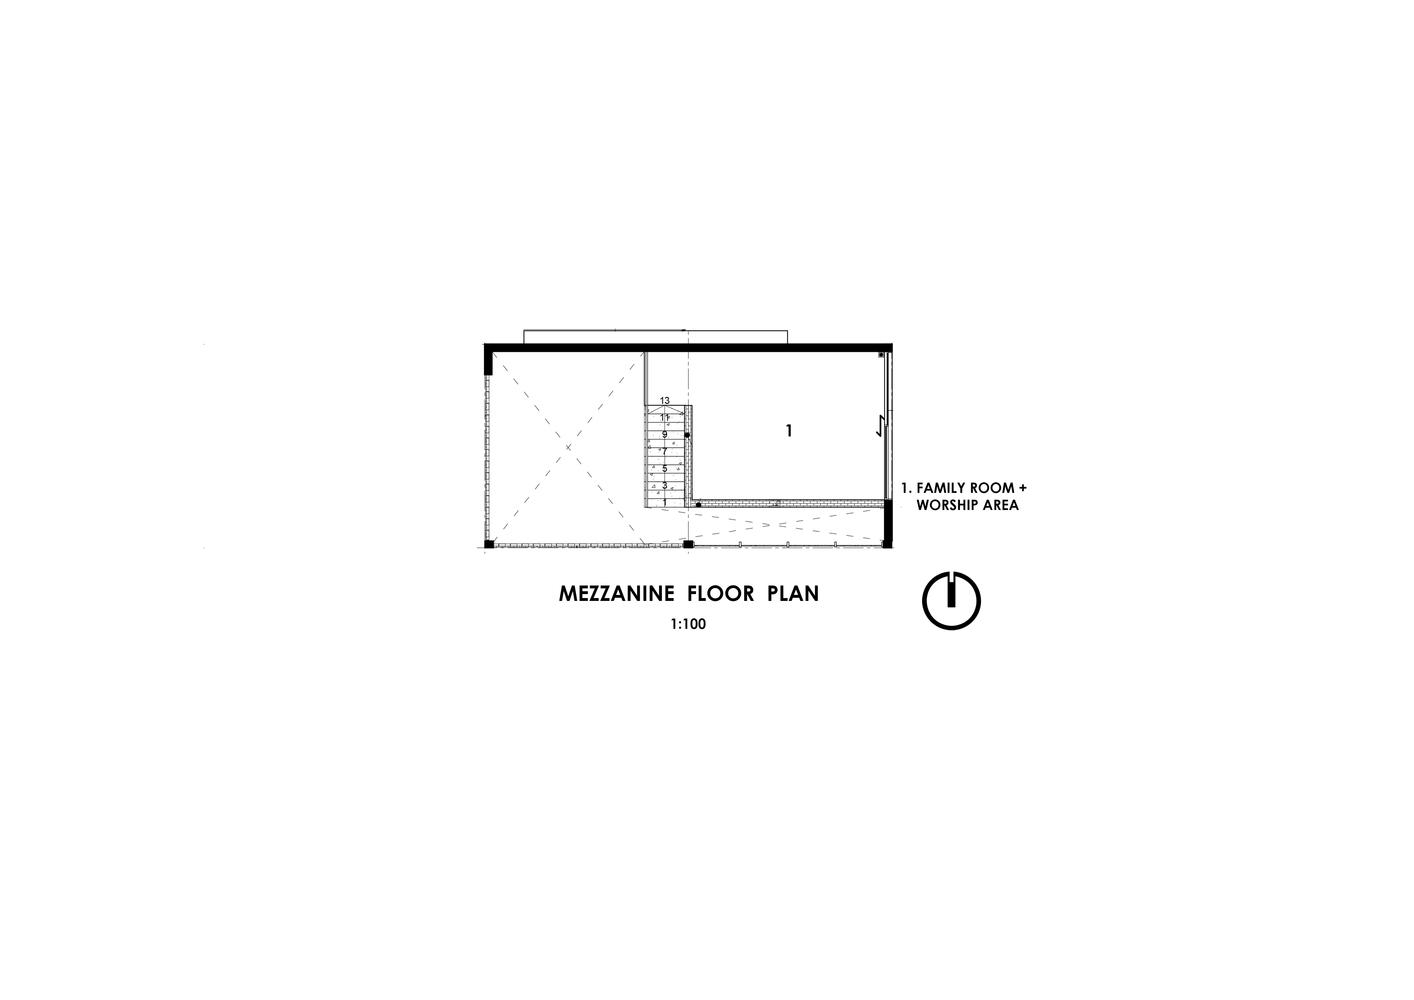 - mezzanine floor 1571457674 - Ngôi nhà 350 triệu đồng ở Đà Nẵng lên báo Mỹ